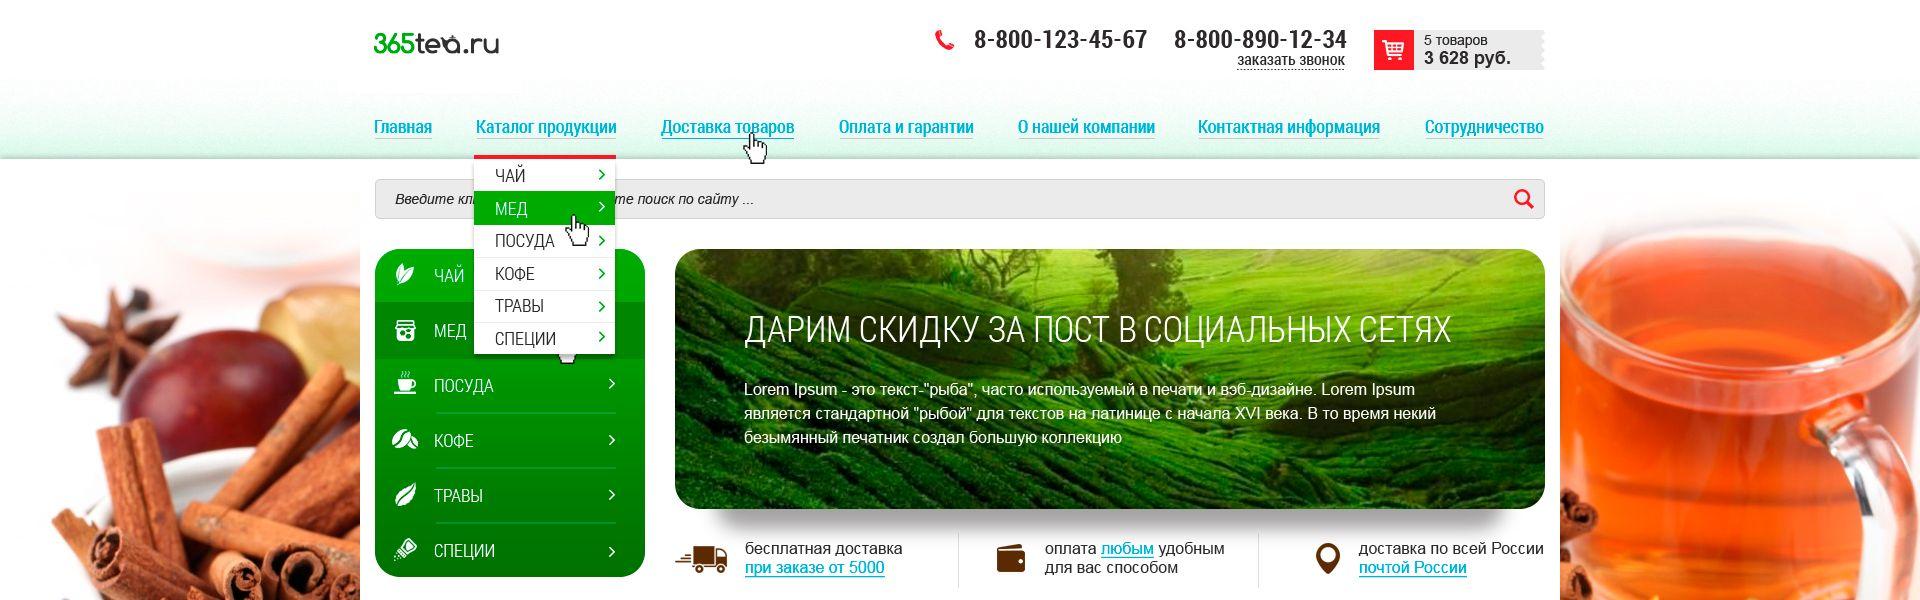 Логотип для 365tea.ru или 365TEA.RU - дизайнер x44k